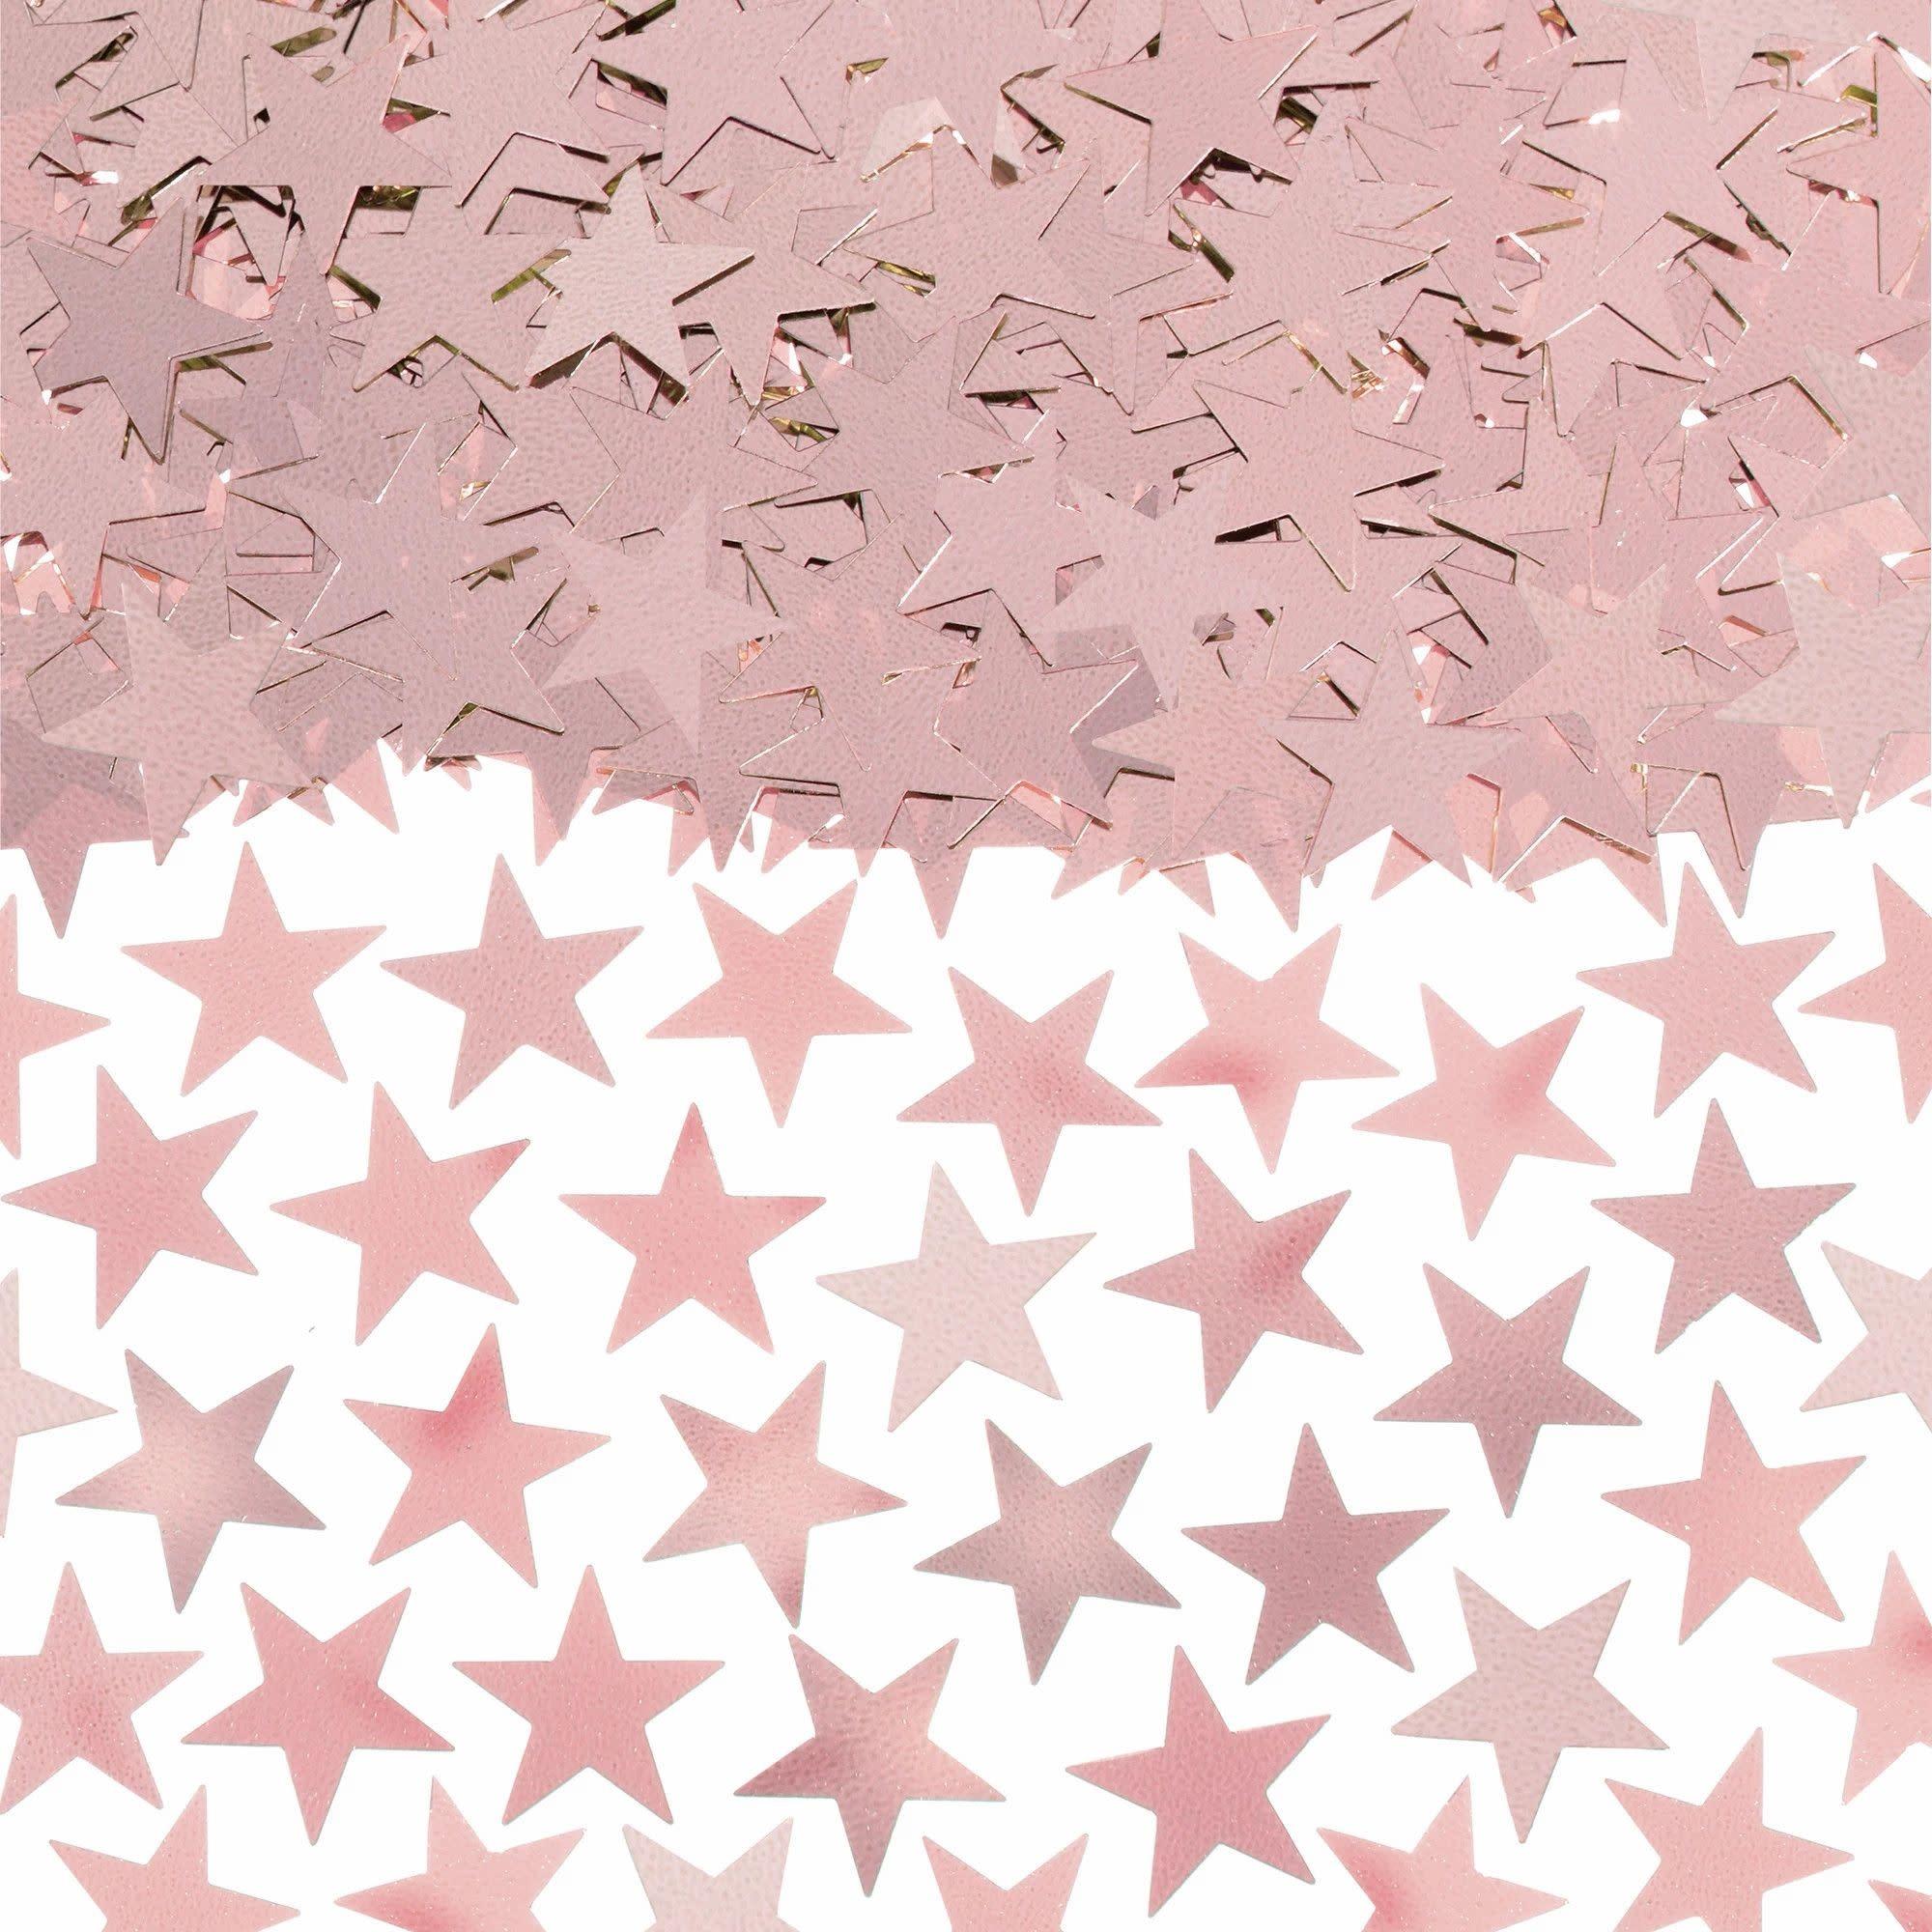 Rose Gold Star Confetti, 2 1/2 oz.